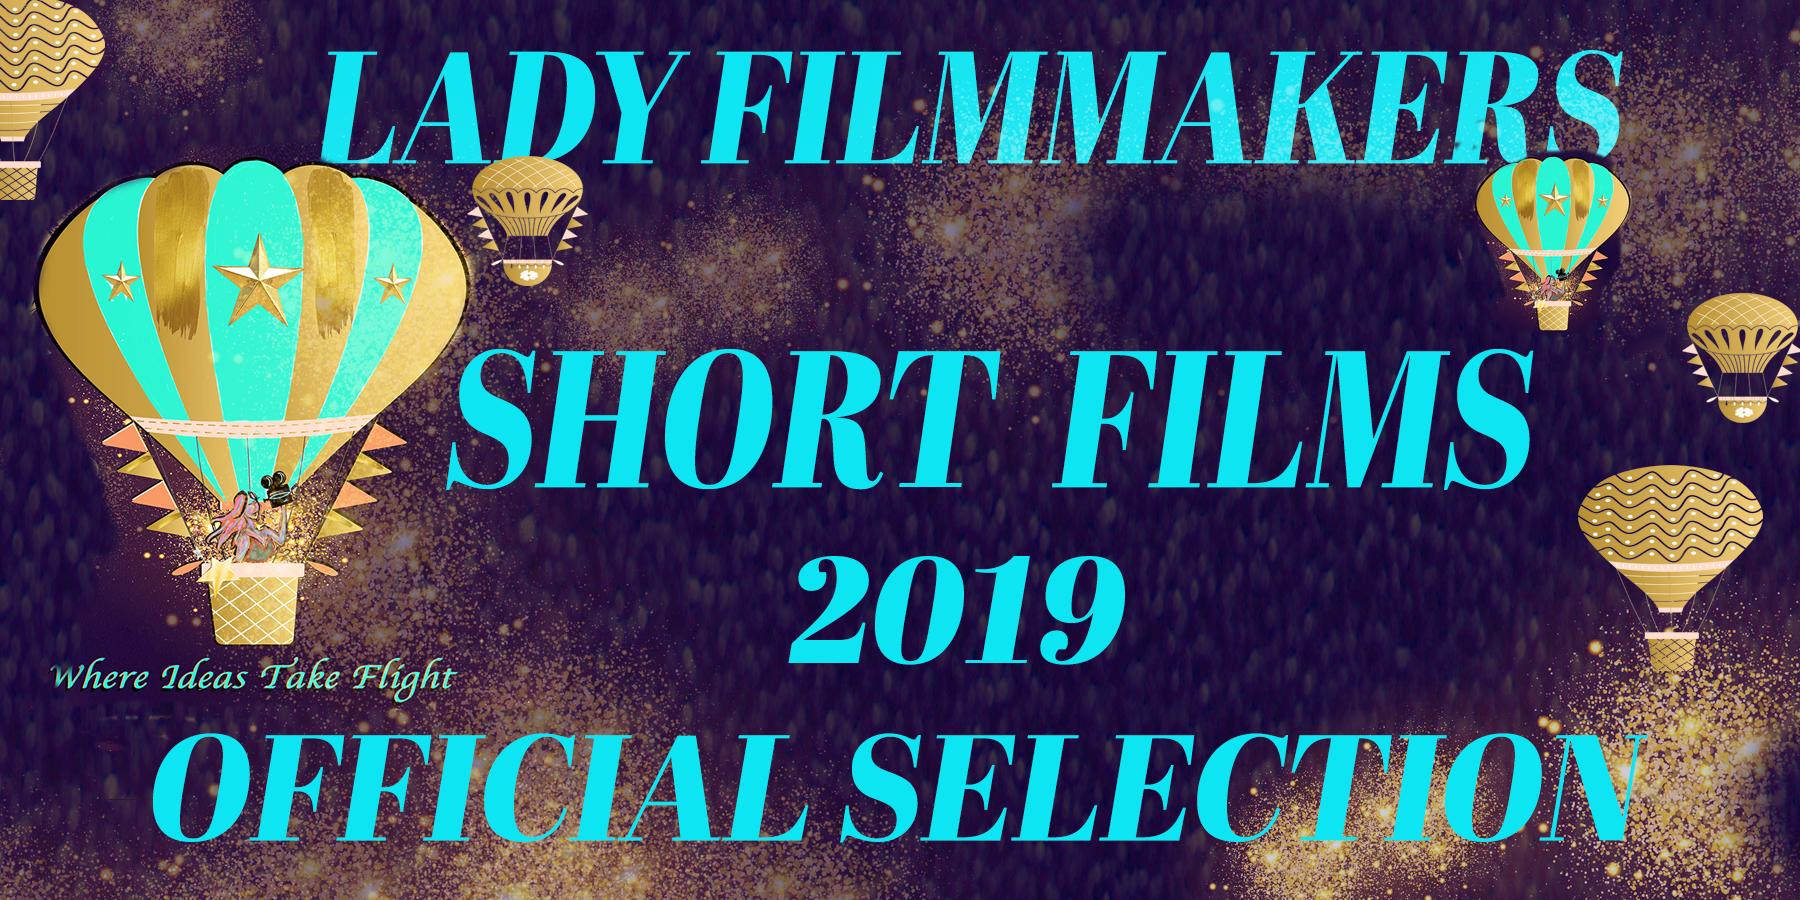 2019 SHORT FILM IMAGE.png